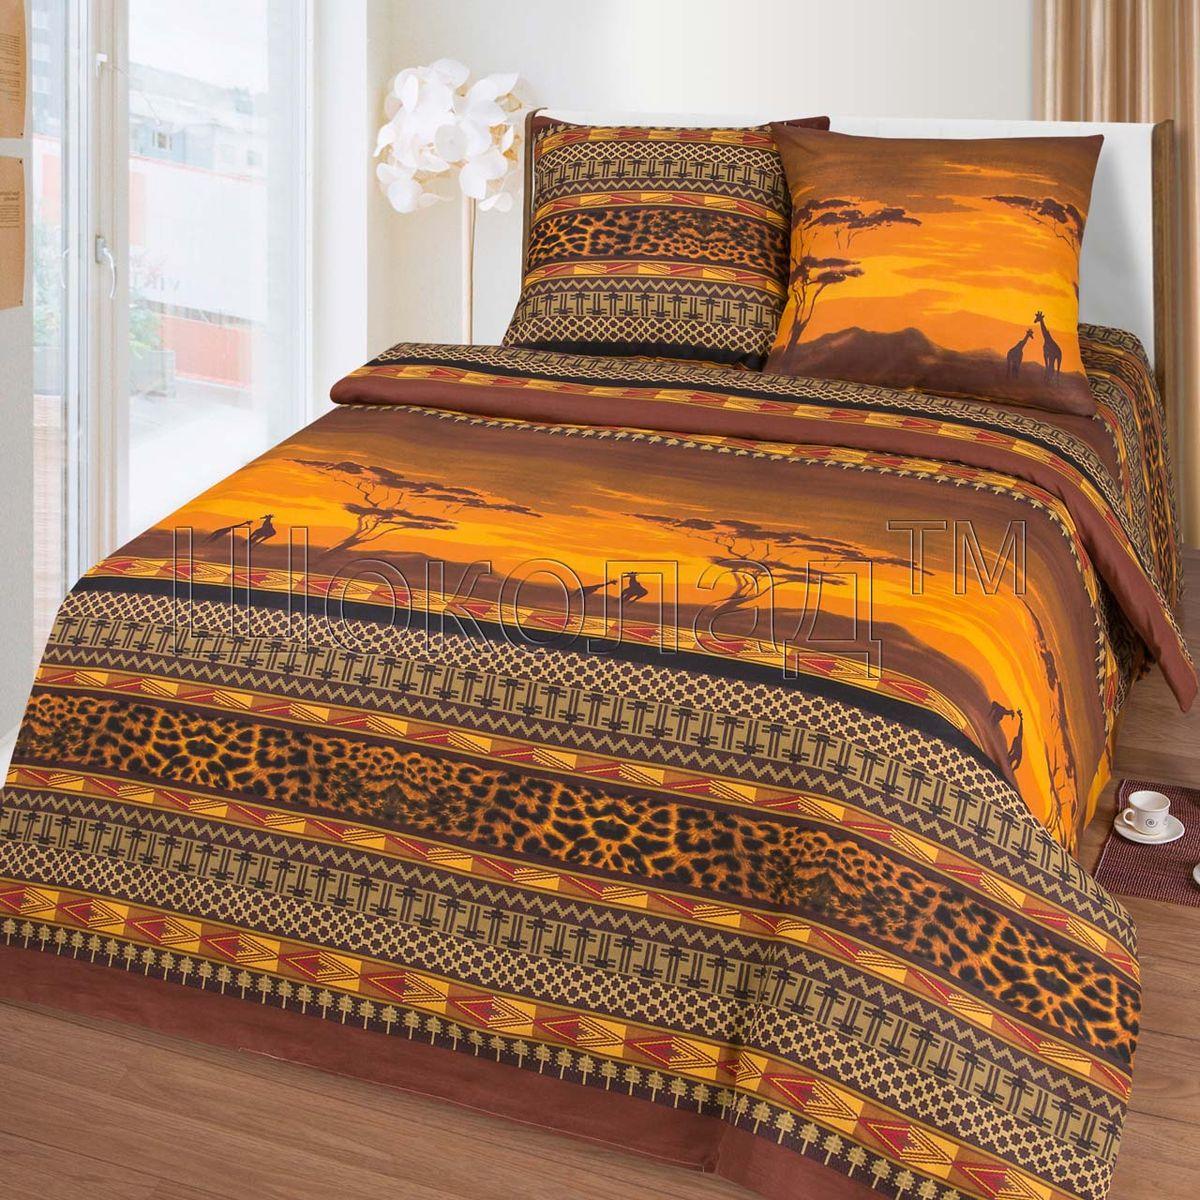 Комплект белья Шоколад Кения, 2-спальный с простыней евро, наволочки 70x70. Б109Б109